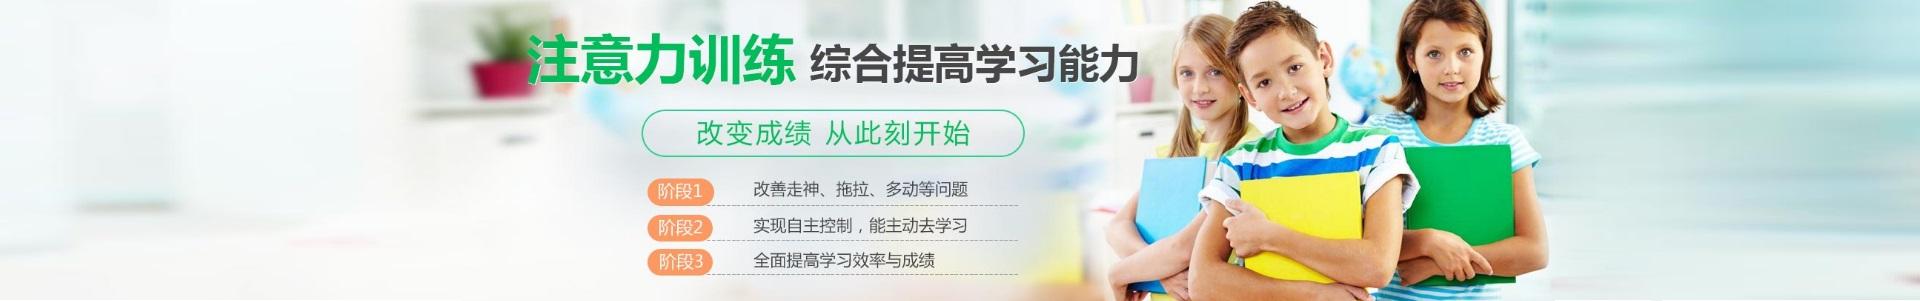 深圳金博智慧注意力培训中心